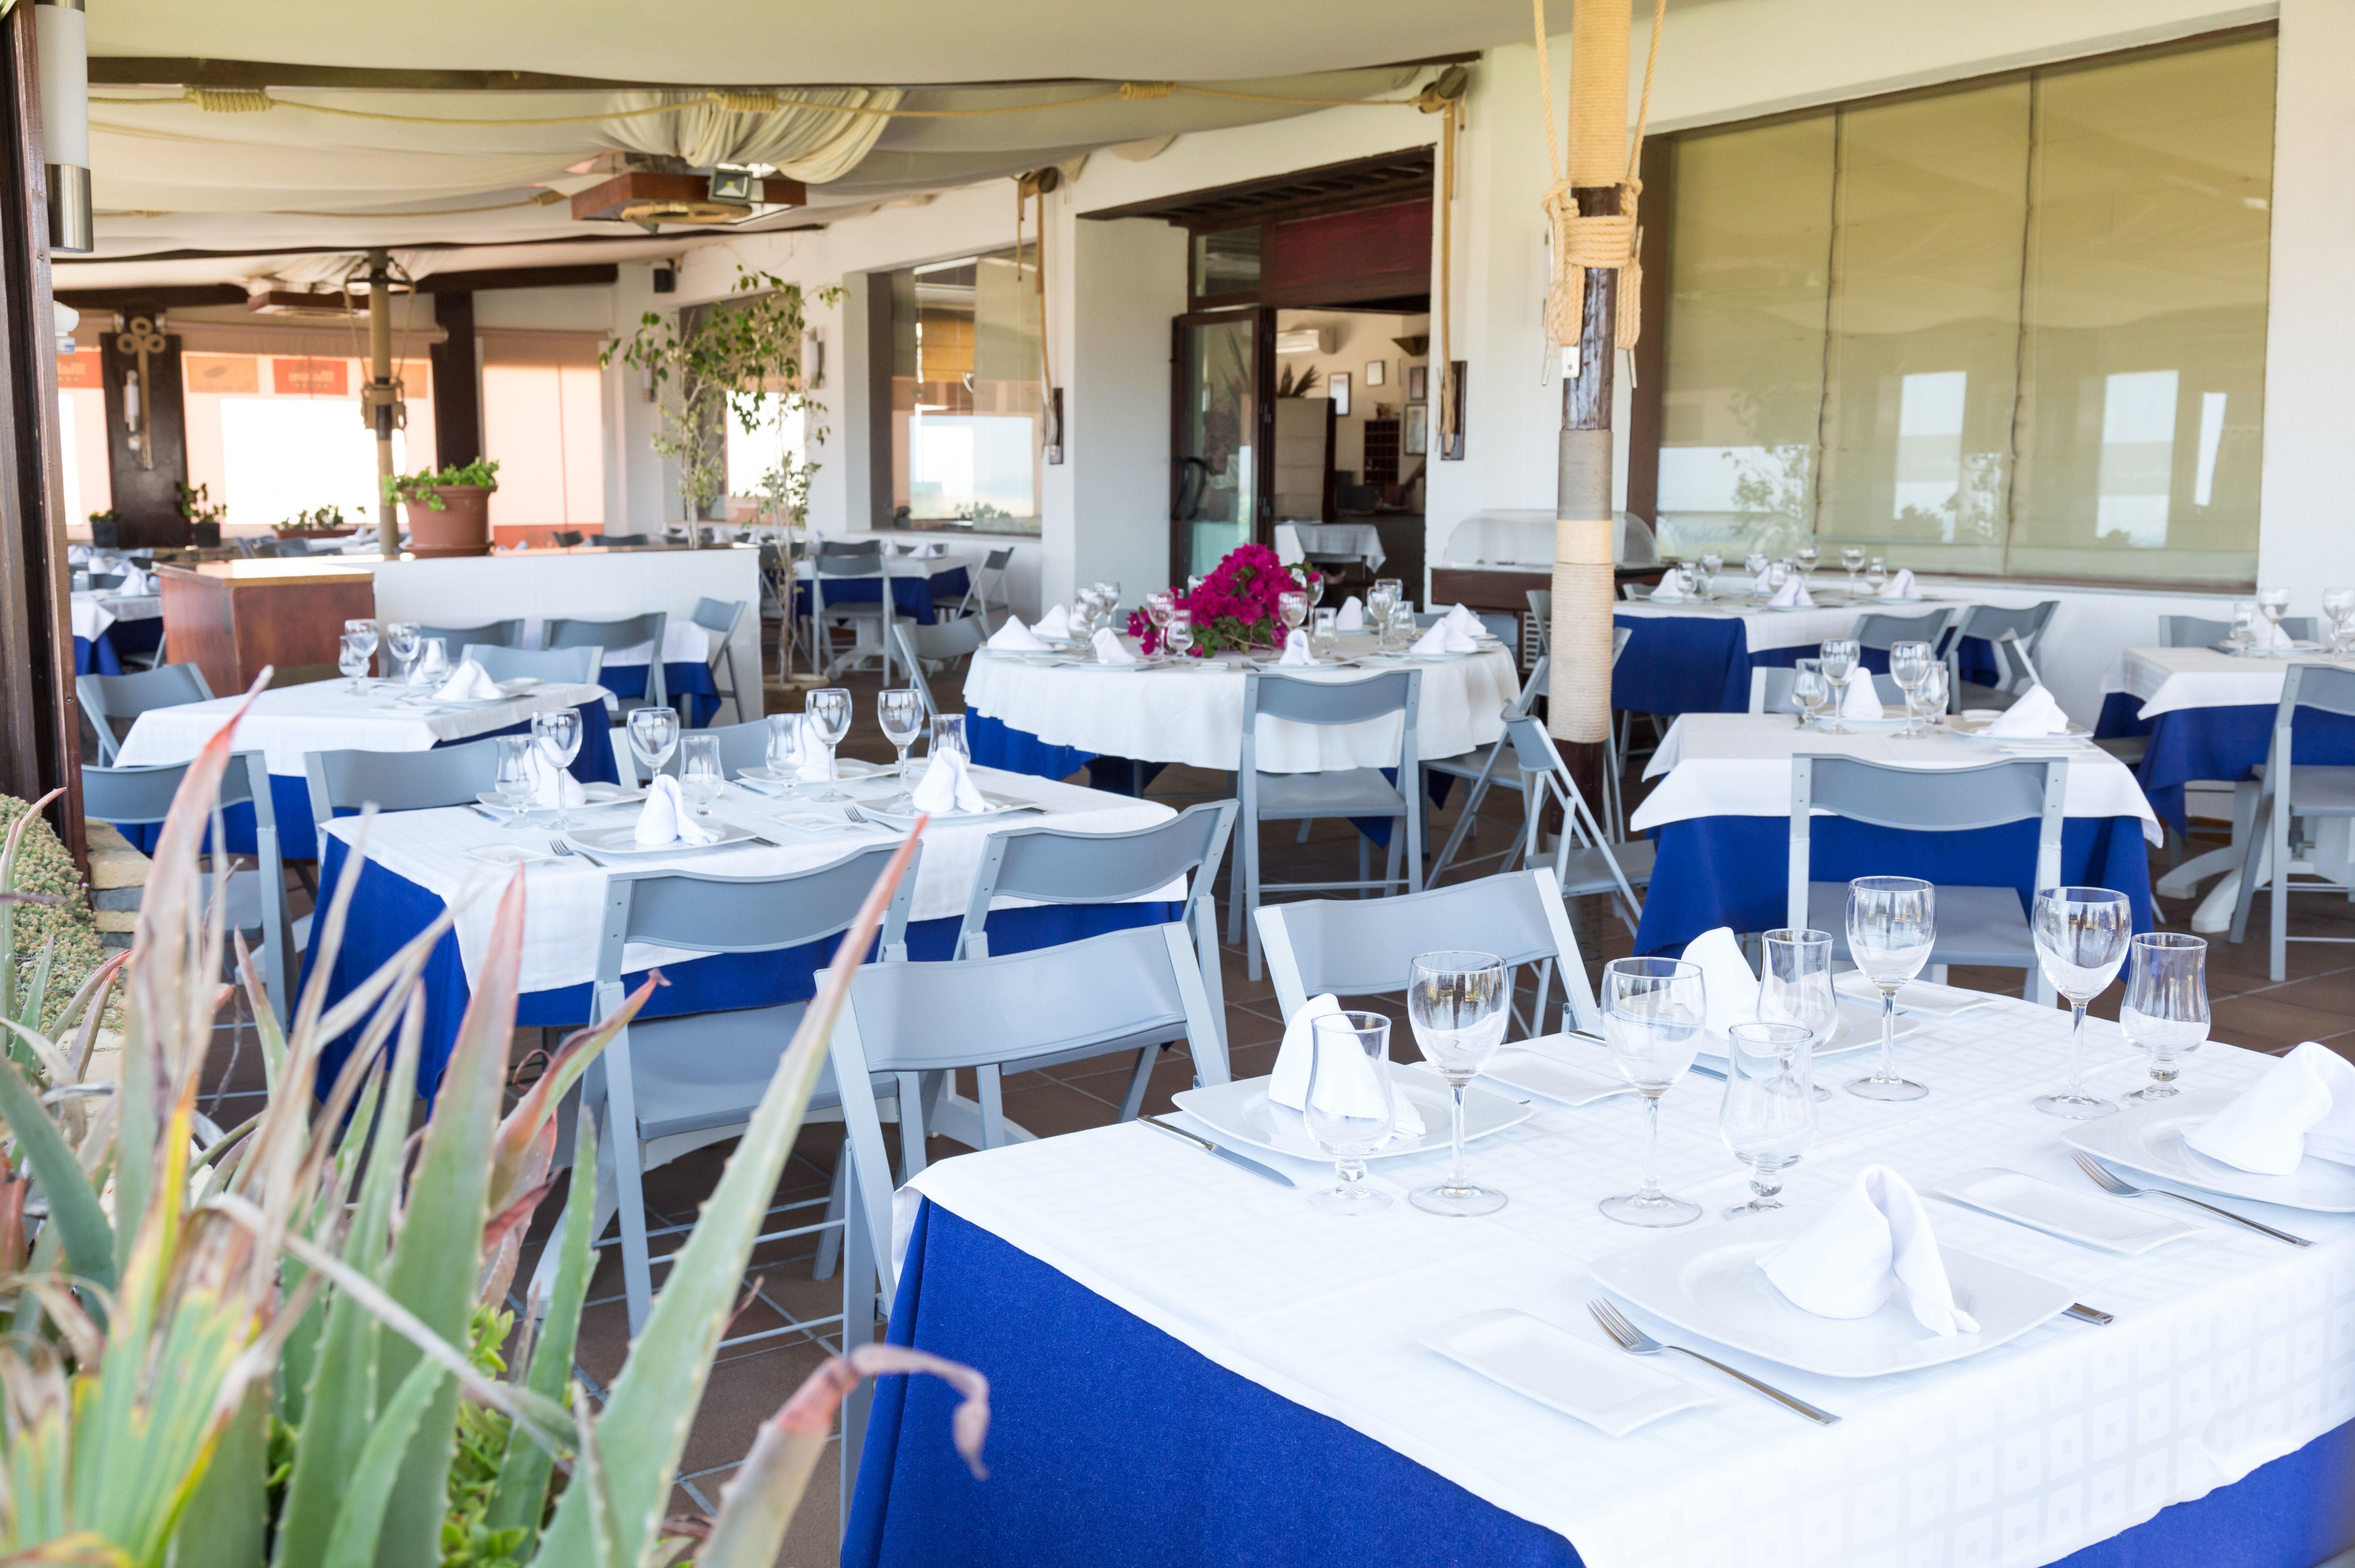 Foto 3 de Restaurante en Chiclana de la Frontera | Restaurante La Sartén